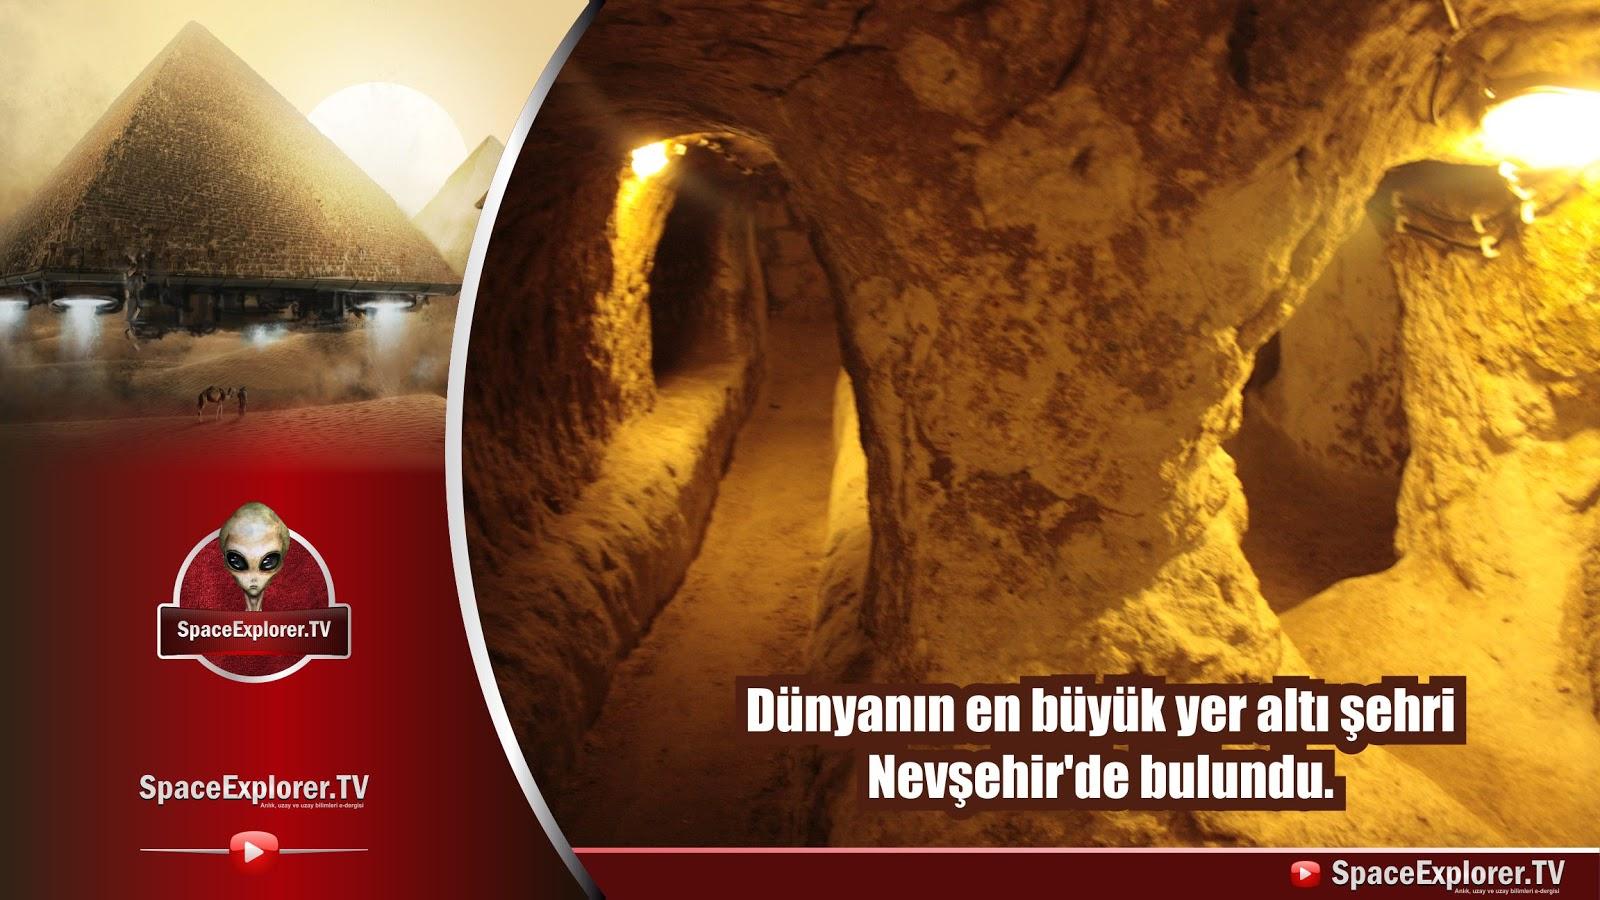 Dünyanın en büyük yer altı şehri Nevşehir'de bulundu.